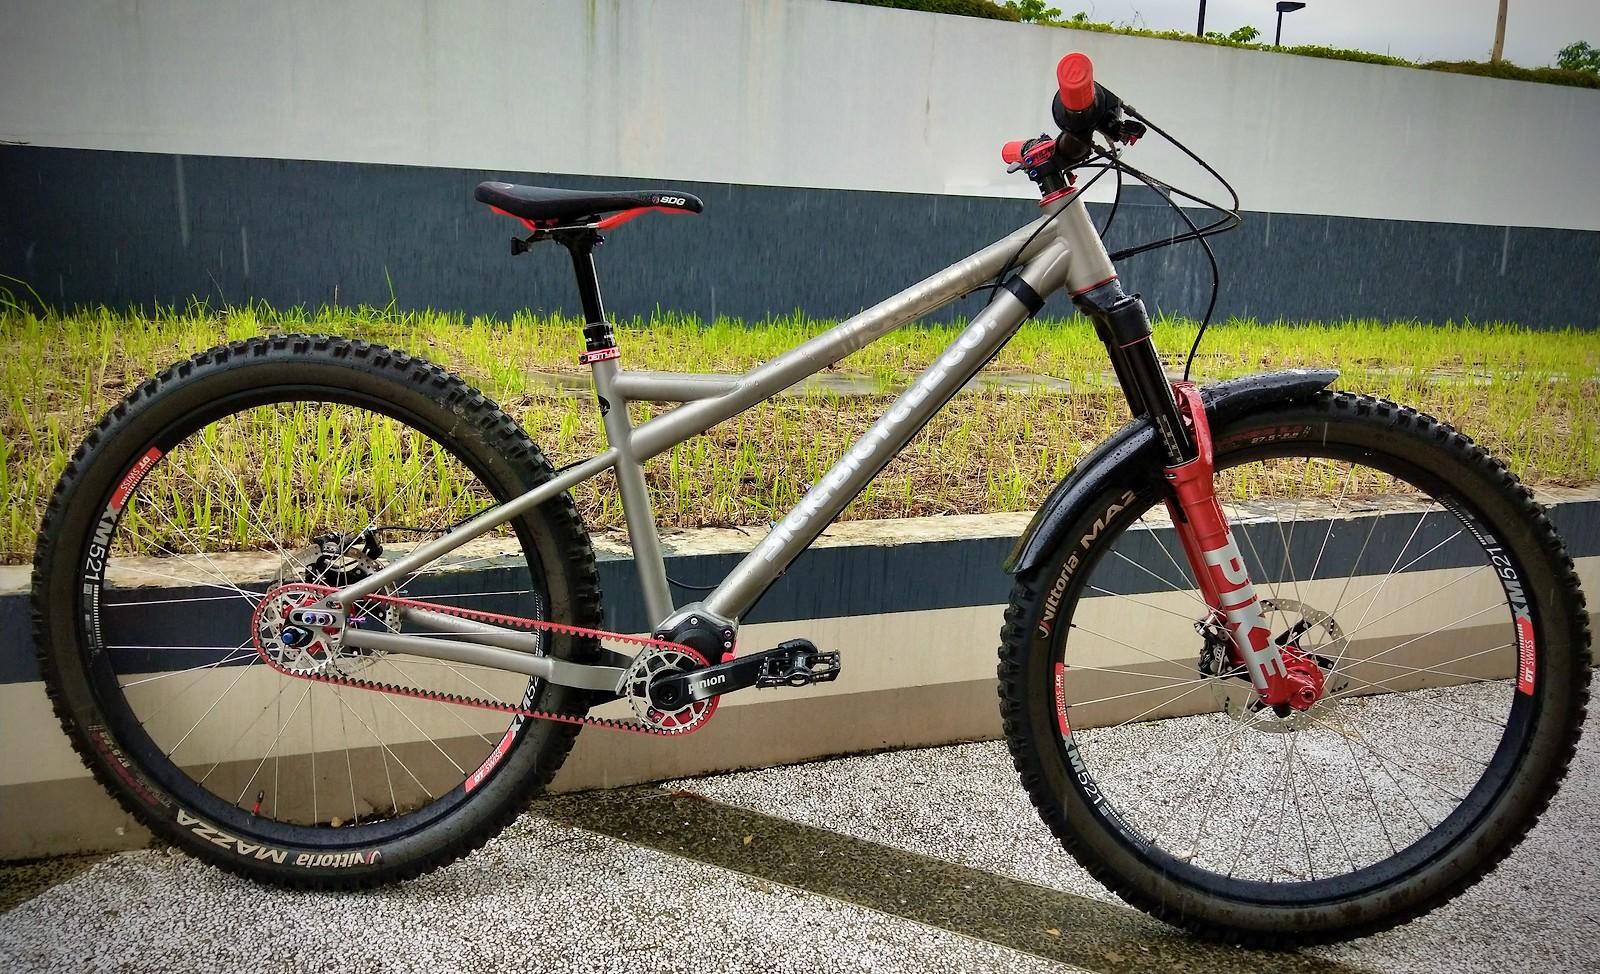 Sick Wulfbaron Ti - Vital Bike of the Day December 2020 - Mountain Biking Pictures - Vital MTB